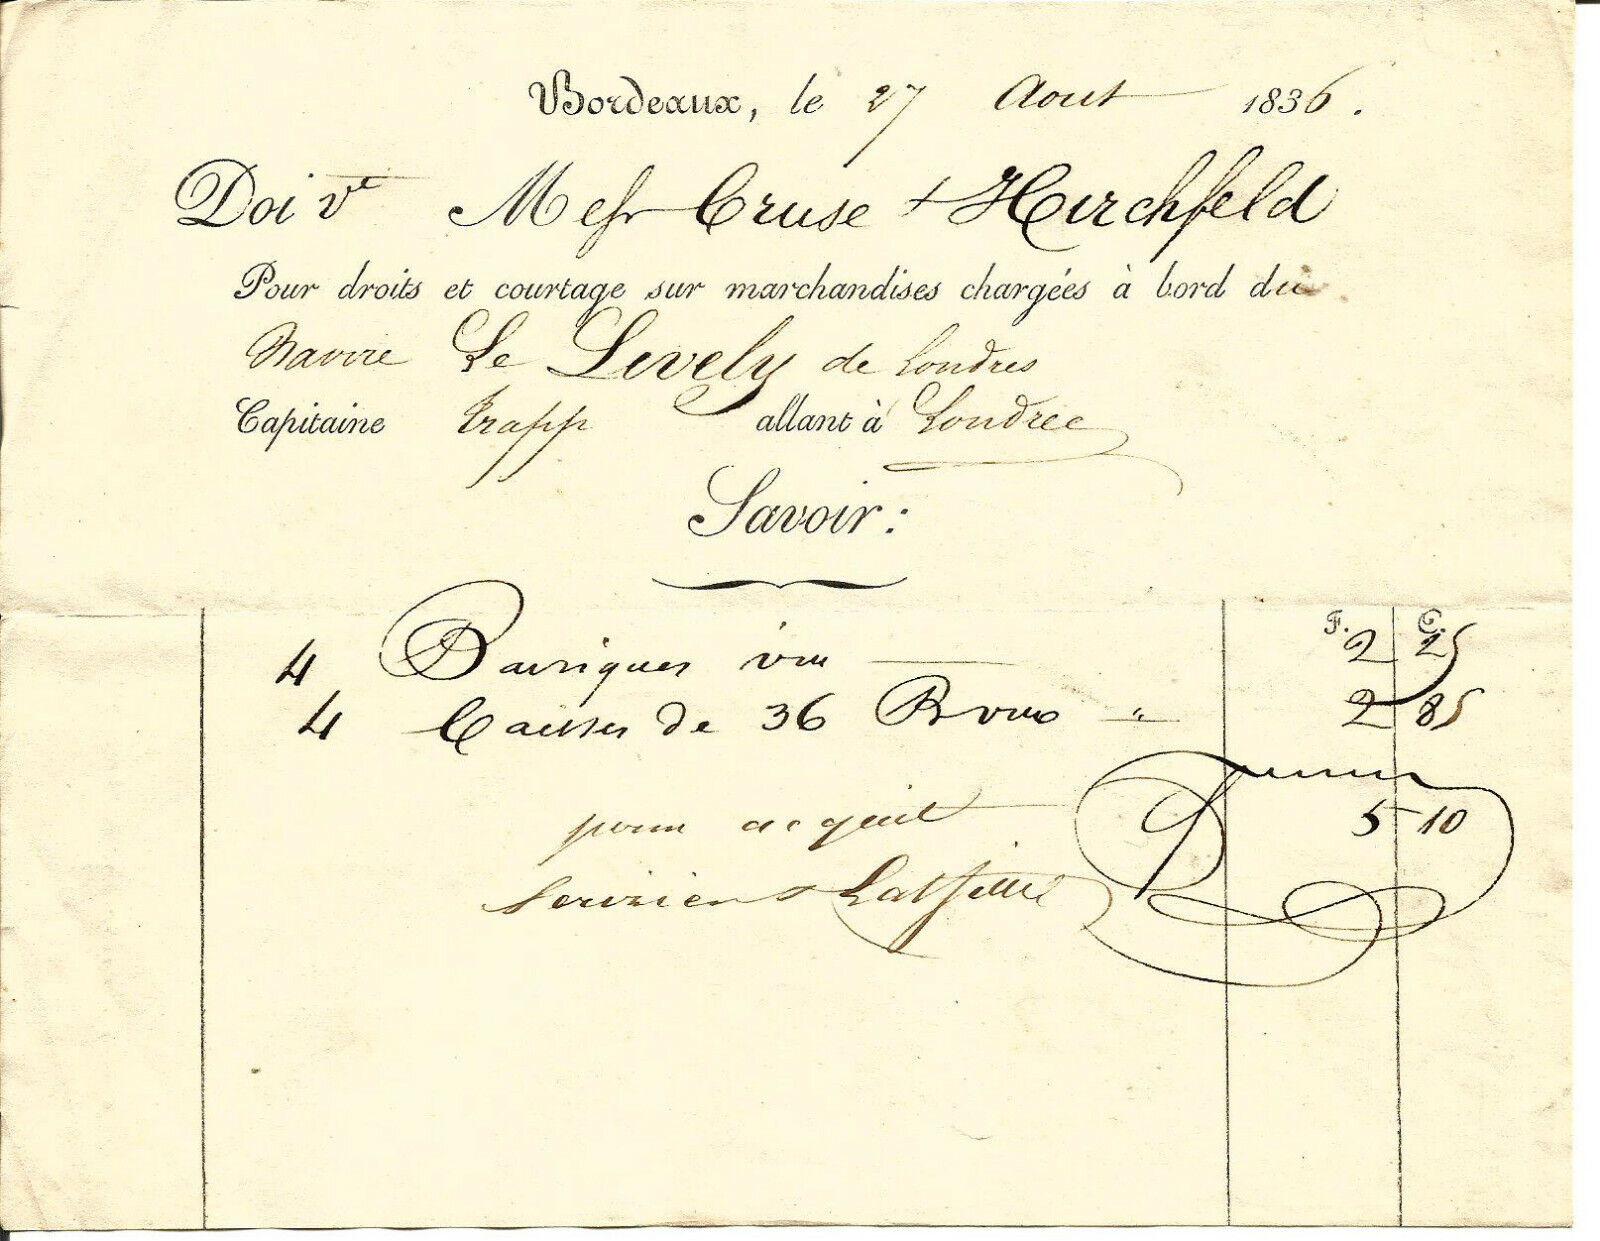 Bordeaux 1836 et 1840,2 factures cruse & hirschfeld ,barriques de vin.